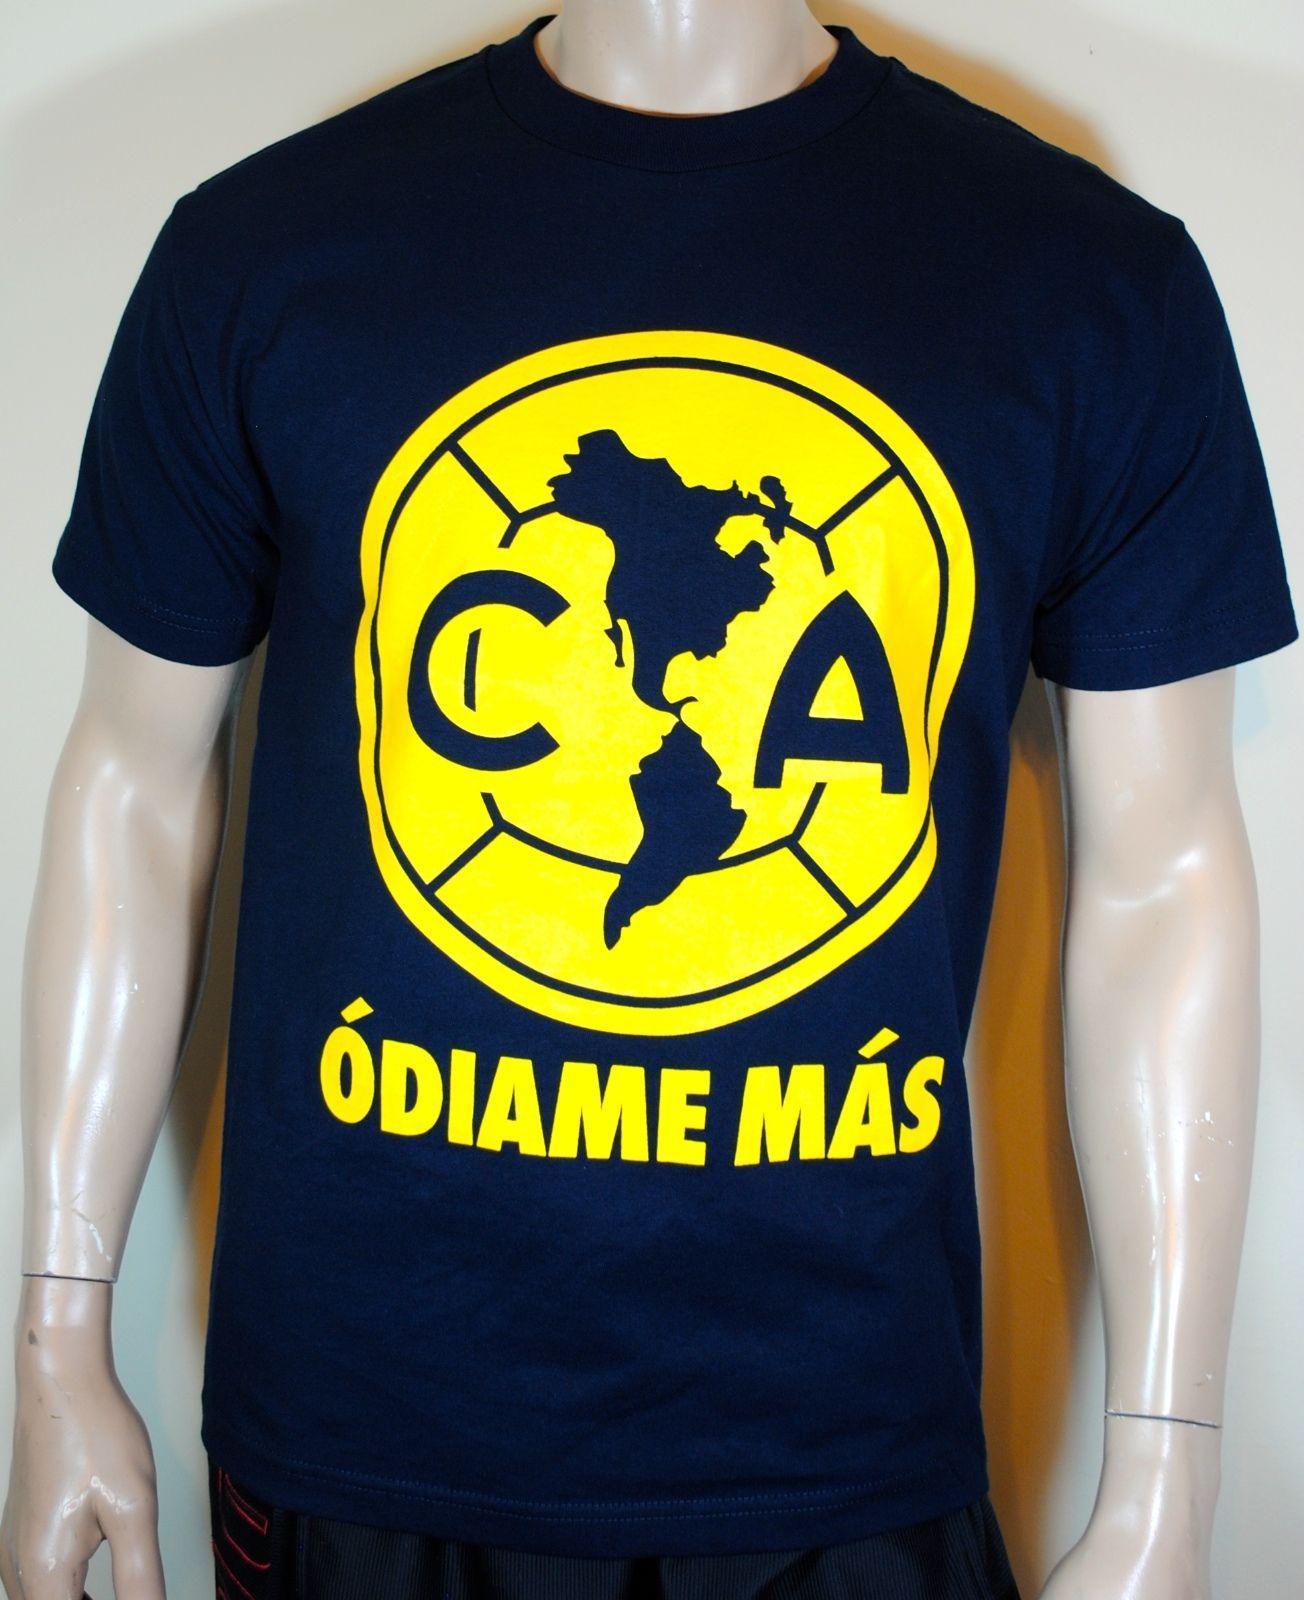 87120eefd6c21 Club america mens shirt odiame mas tee fashion wholesale jpg 1304x1600 Odiame  mas